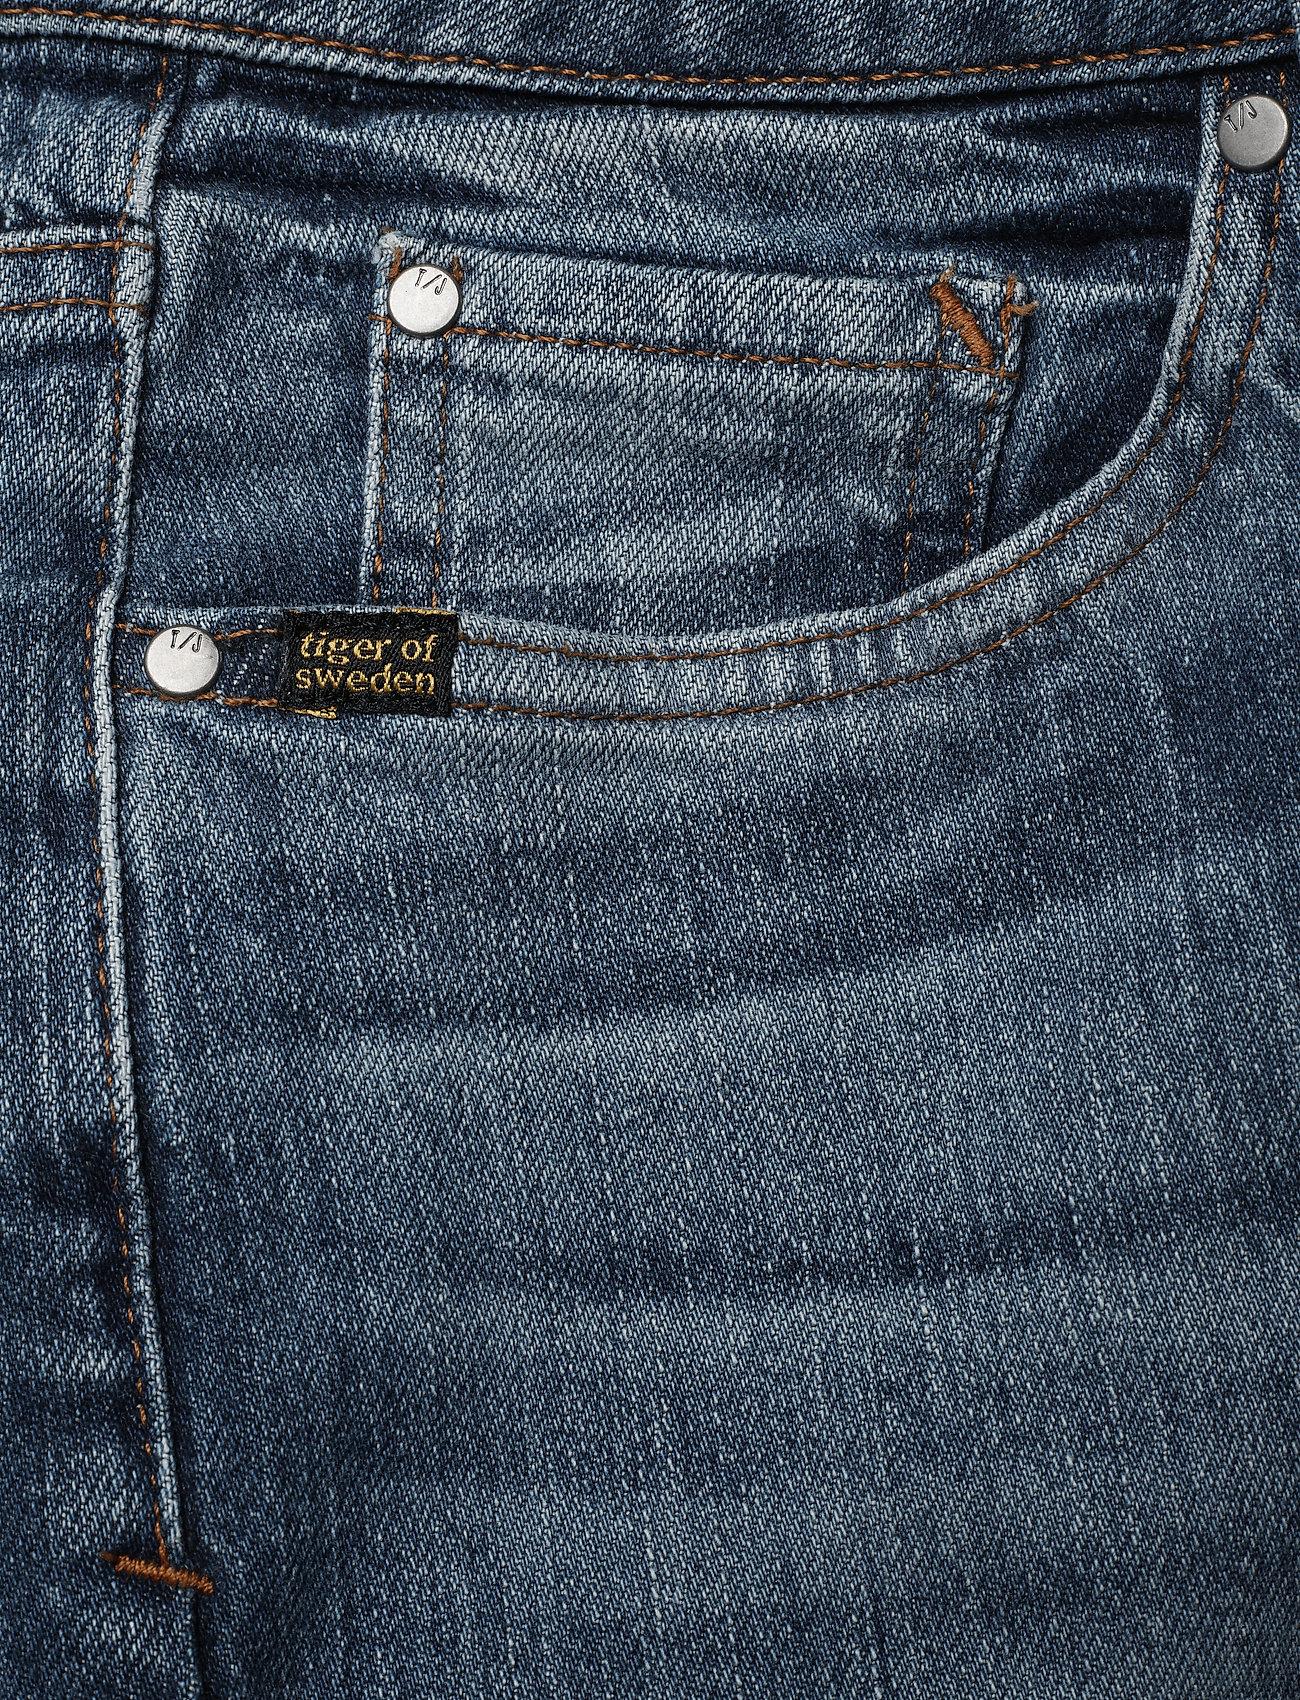 Tiger of Sweden Jeans MEG - Jeans MEDIUM BLUE